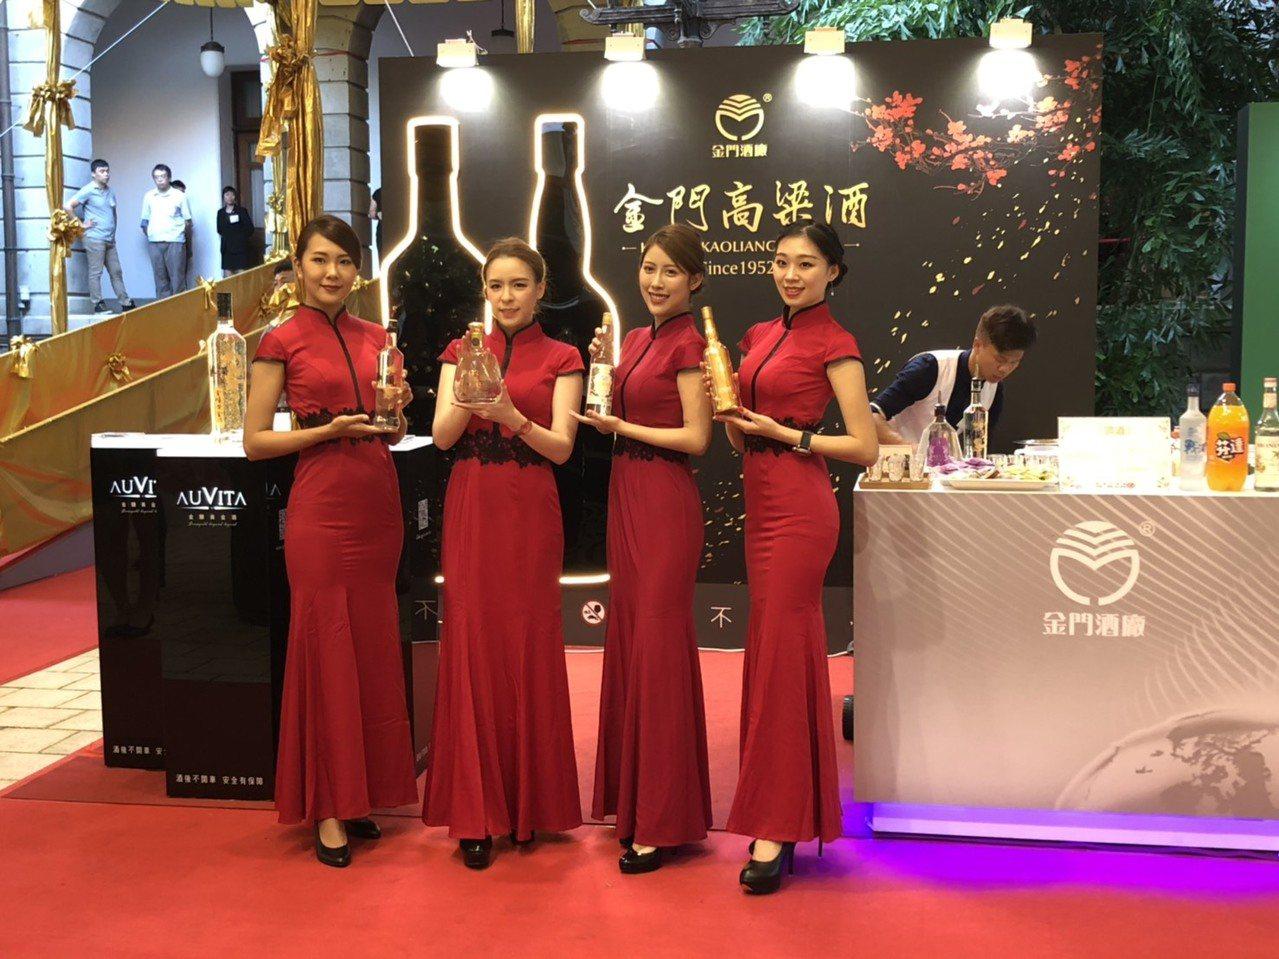 金酒公司在國慶酒會中,也同樣亮眼,除了展出獲獎酒品外,更在攤位上展示了2款新品,...